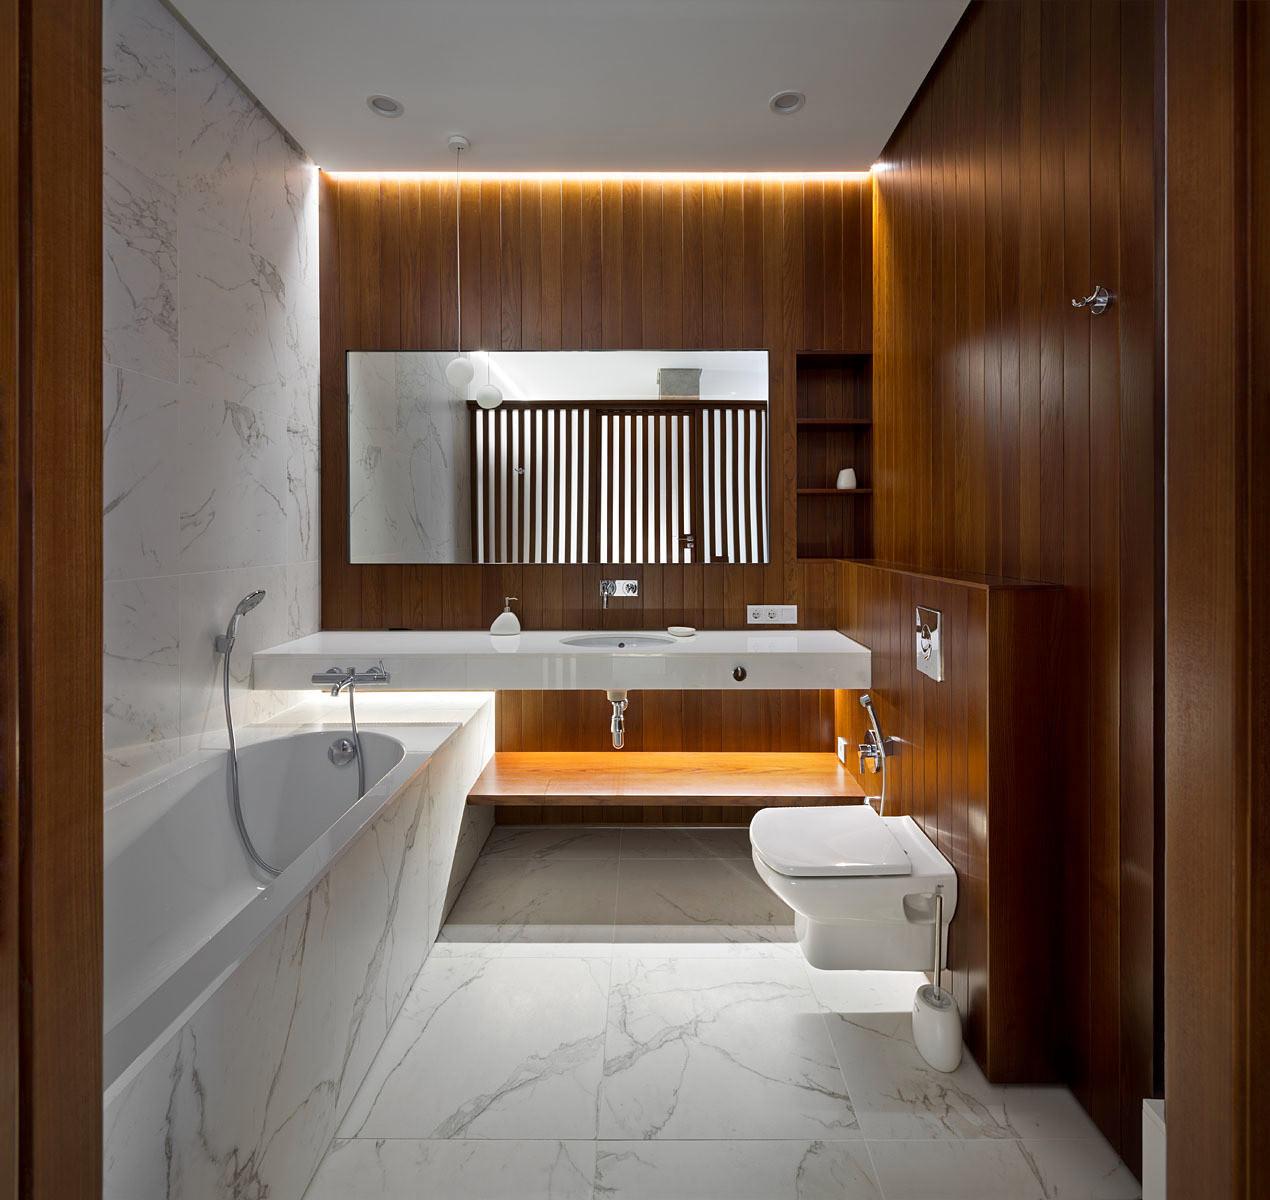 prostoren-apartament-s-eleganten-interior-120-m-8g